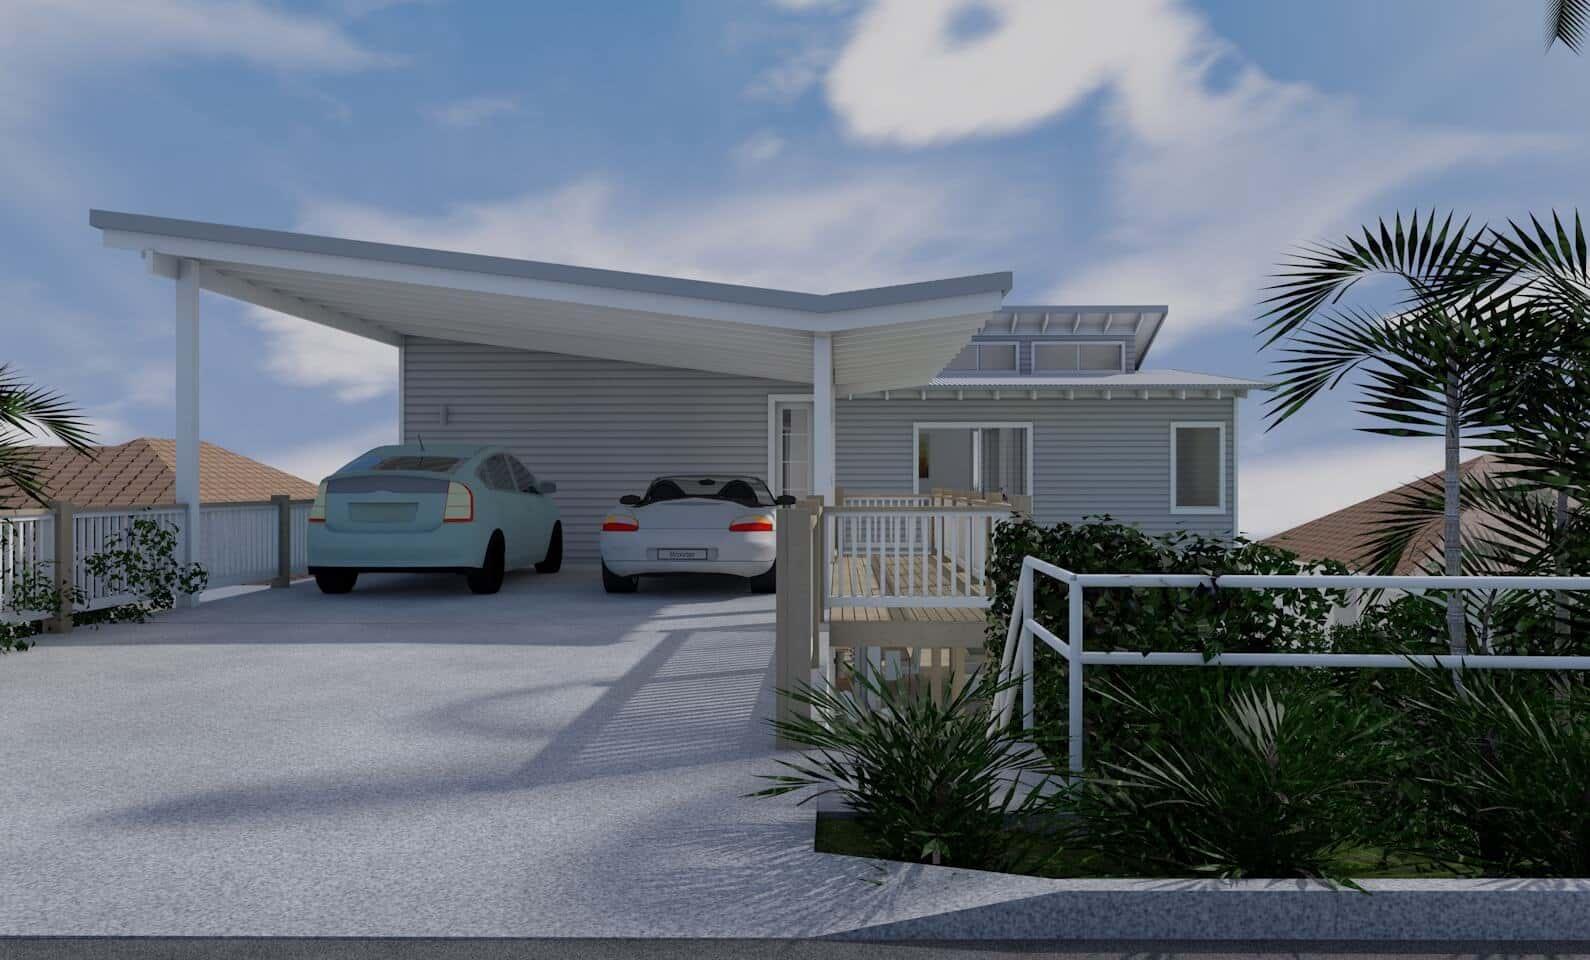 Architect design 3d concept beach house freshwater for Beach house design concept